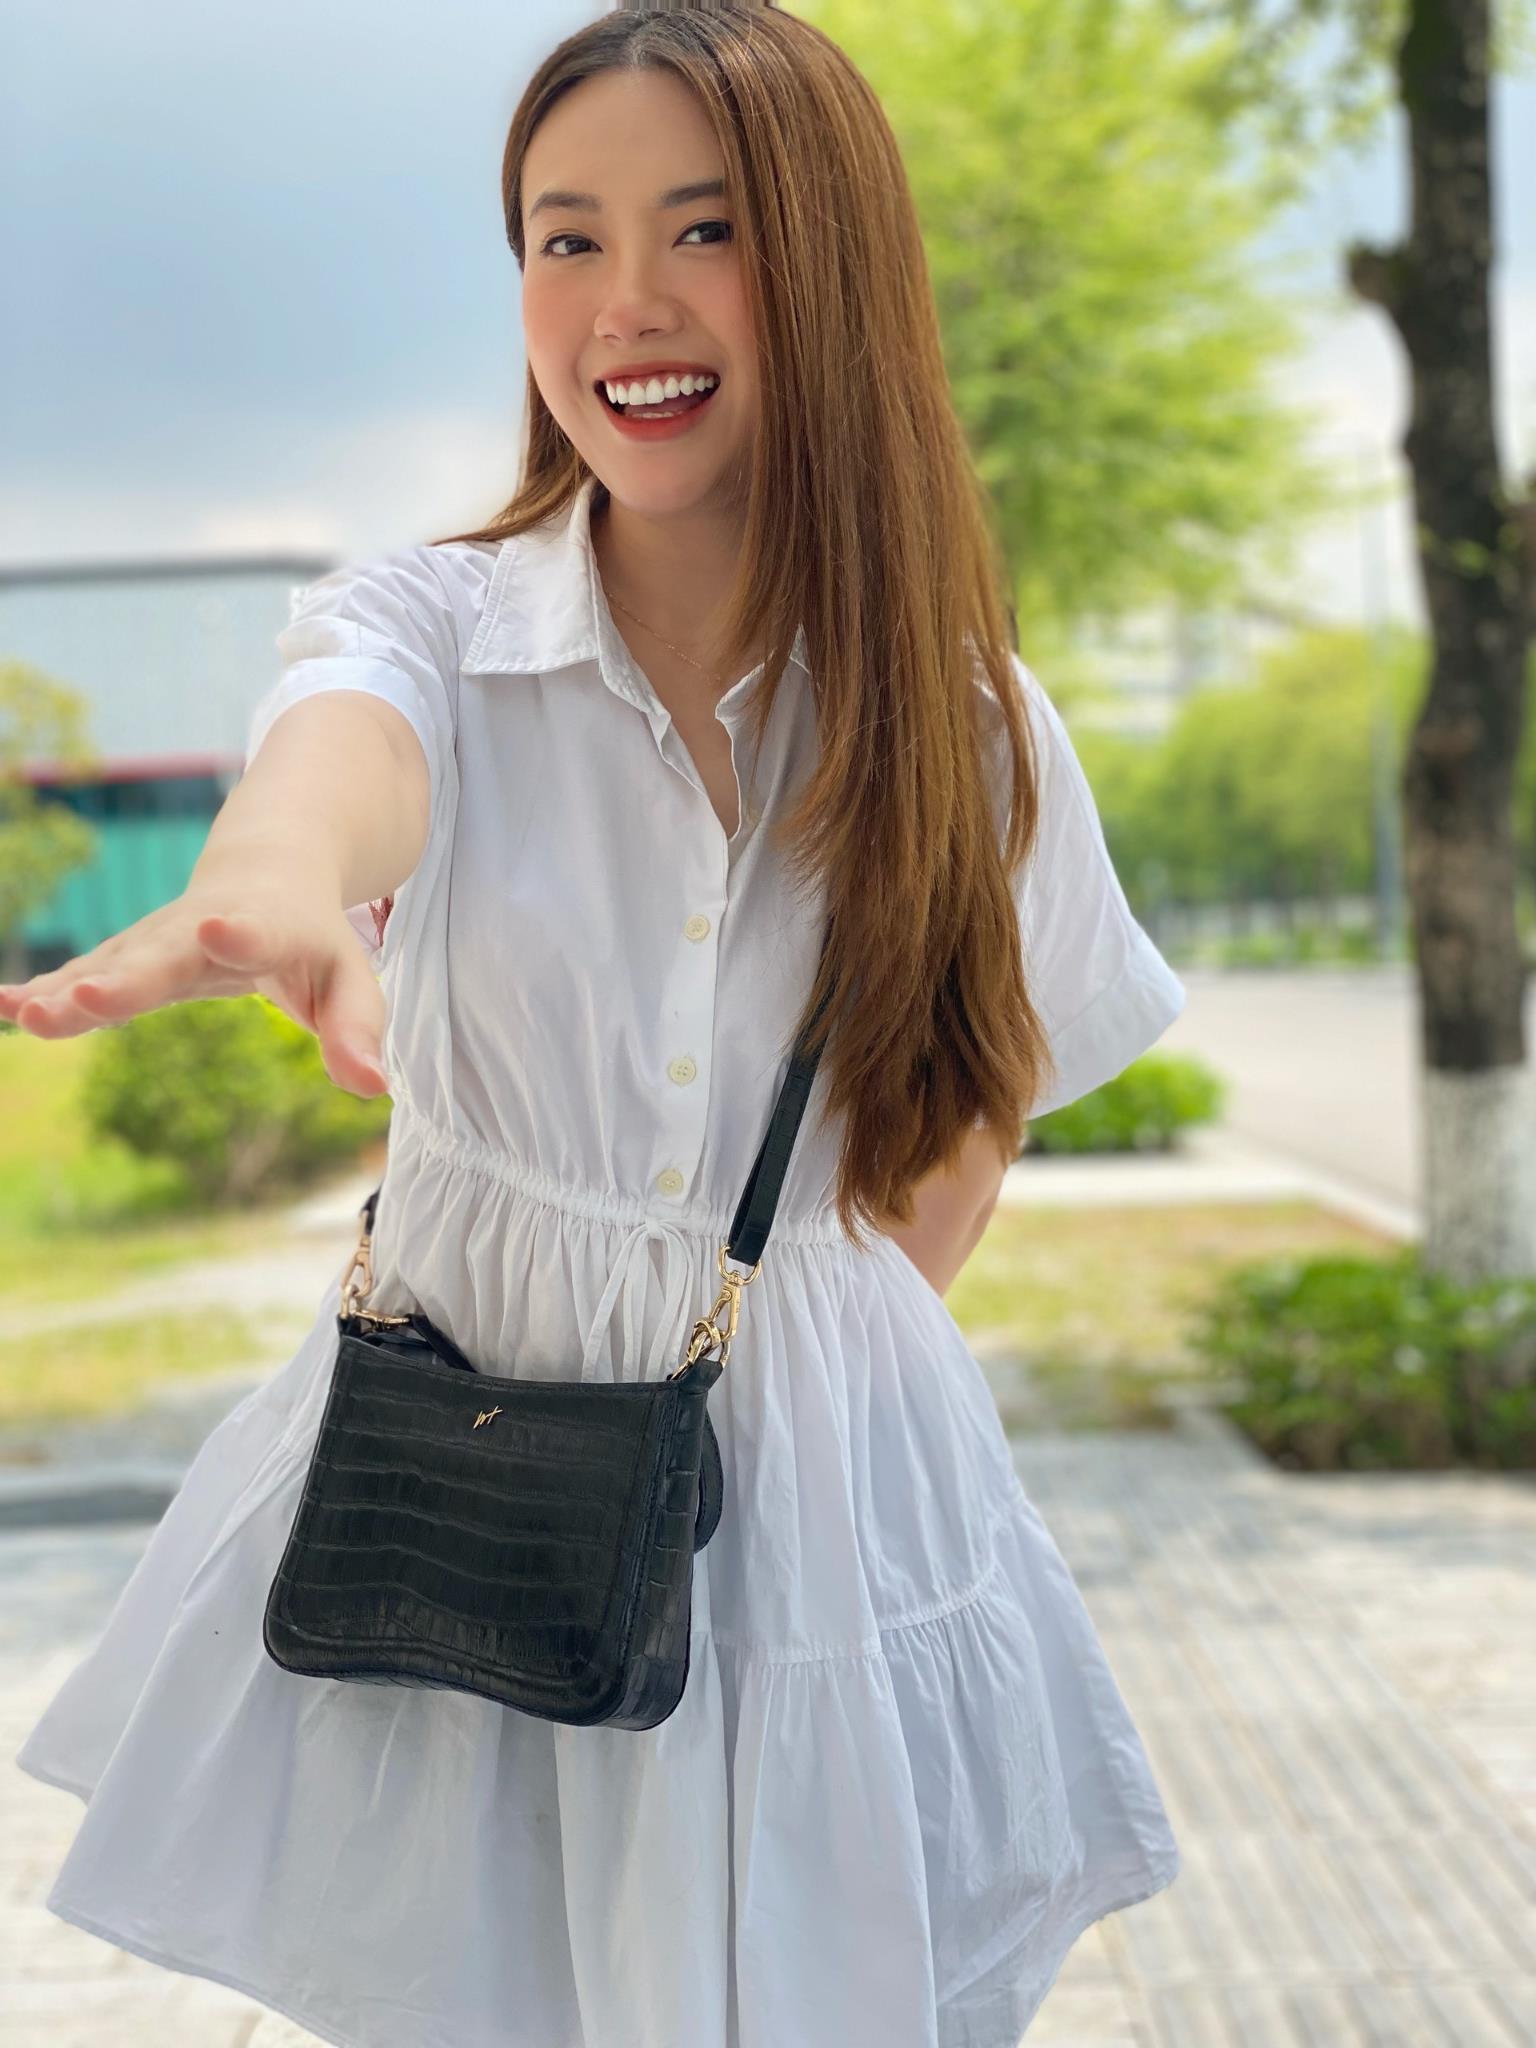 Tò mò chiếc túi được diễn viên Kiều My chọn cho vai Mai Khôi trong phim Ngày Mai Bình Yên - Ảnh 3.